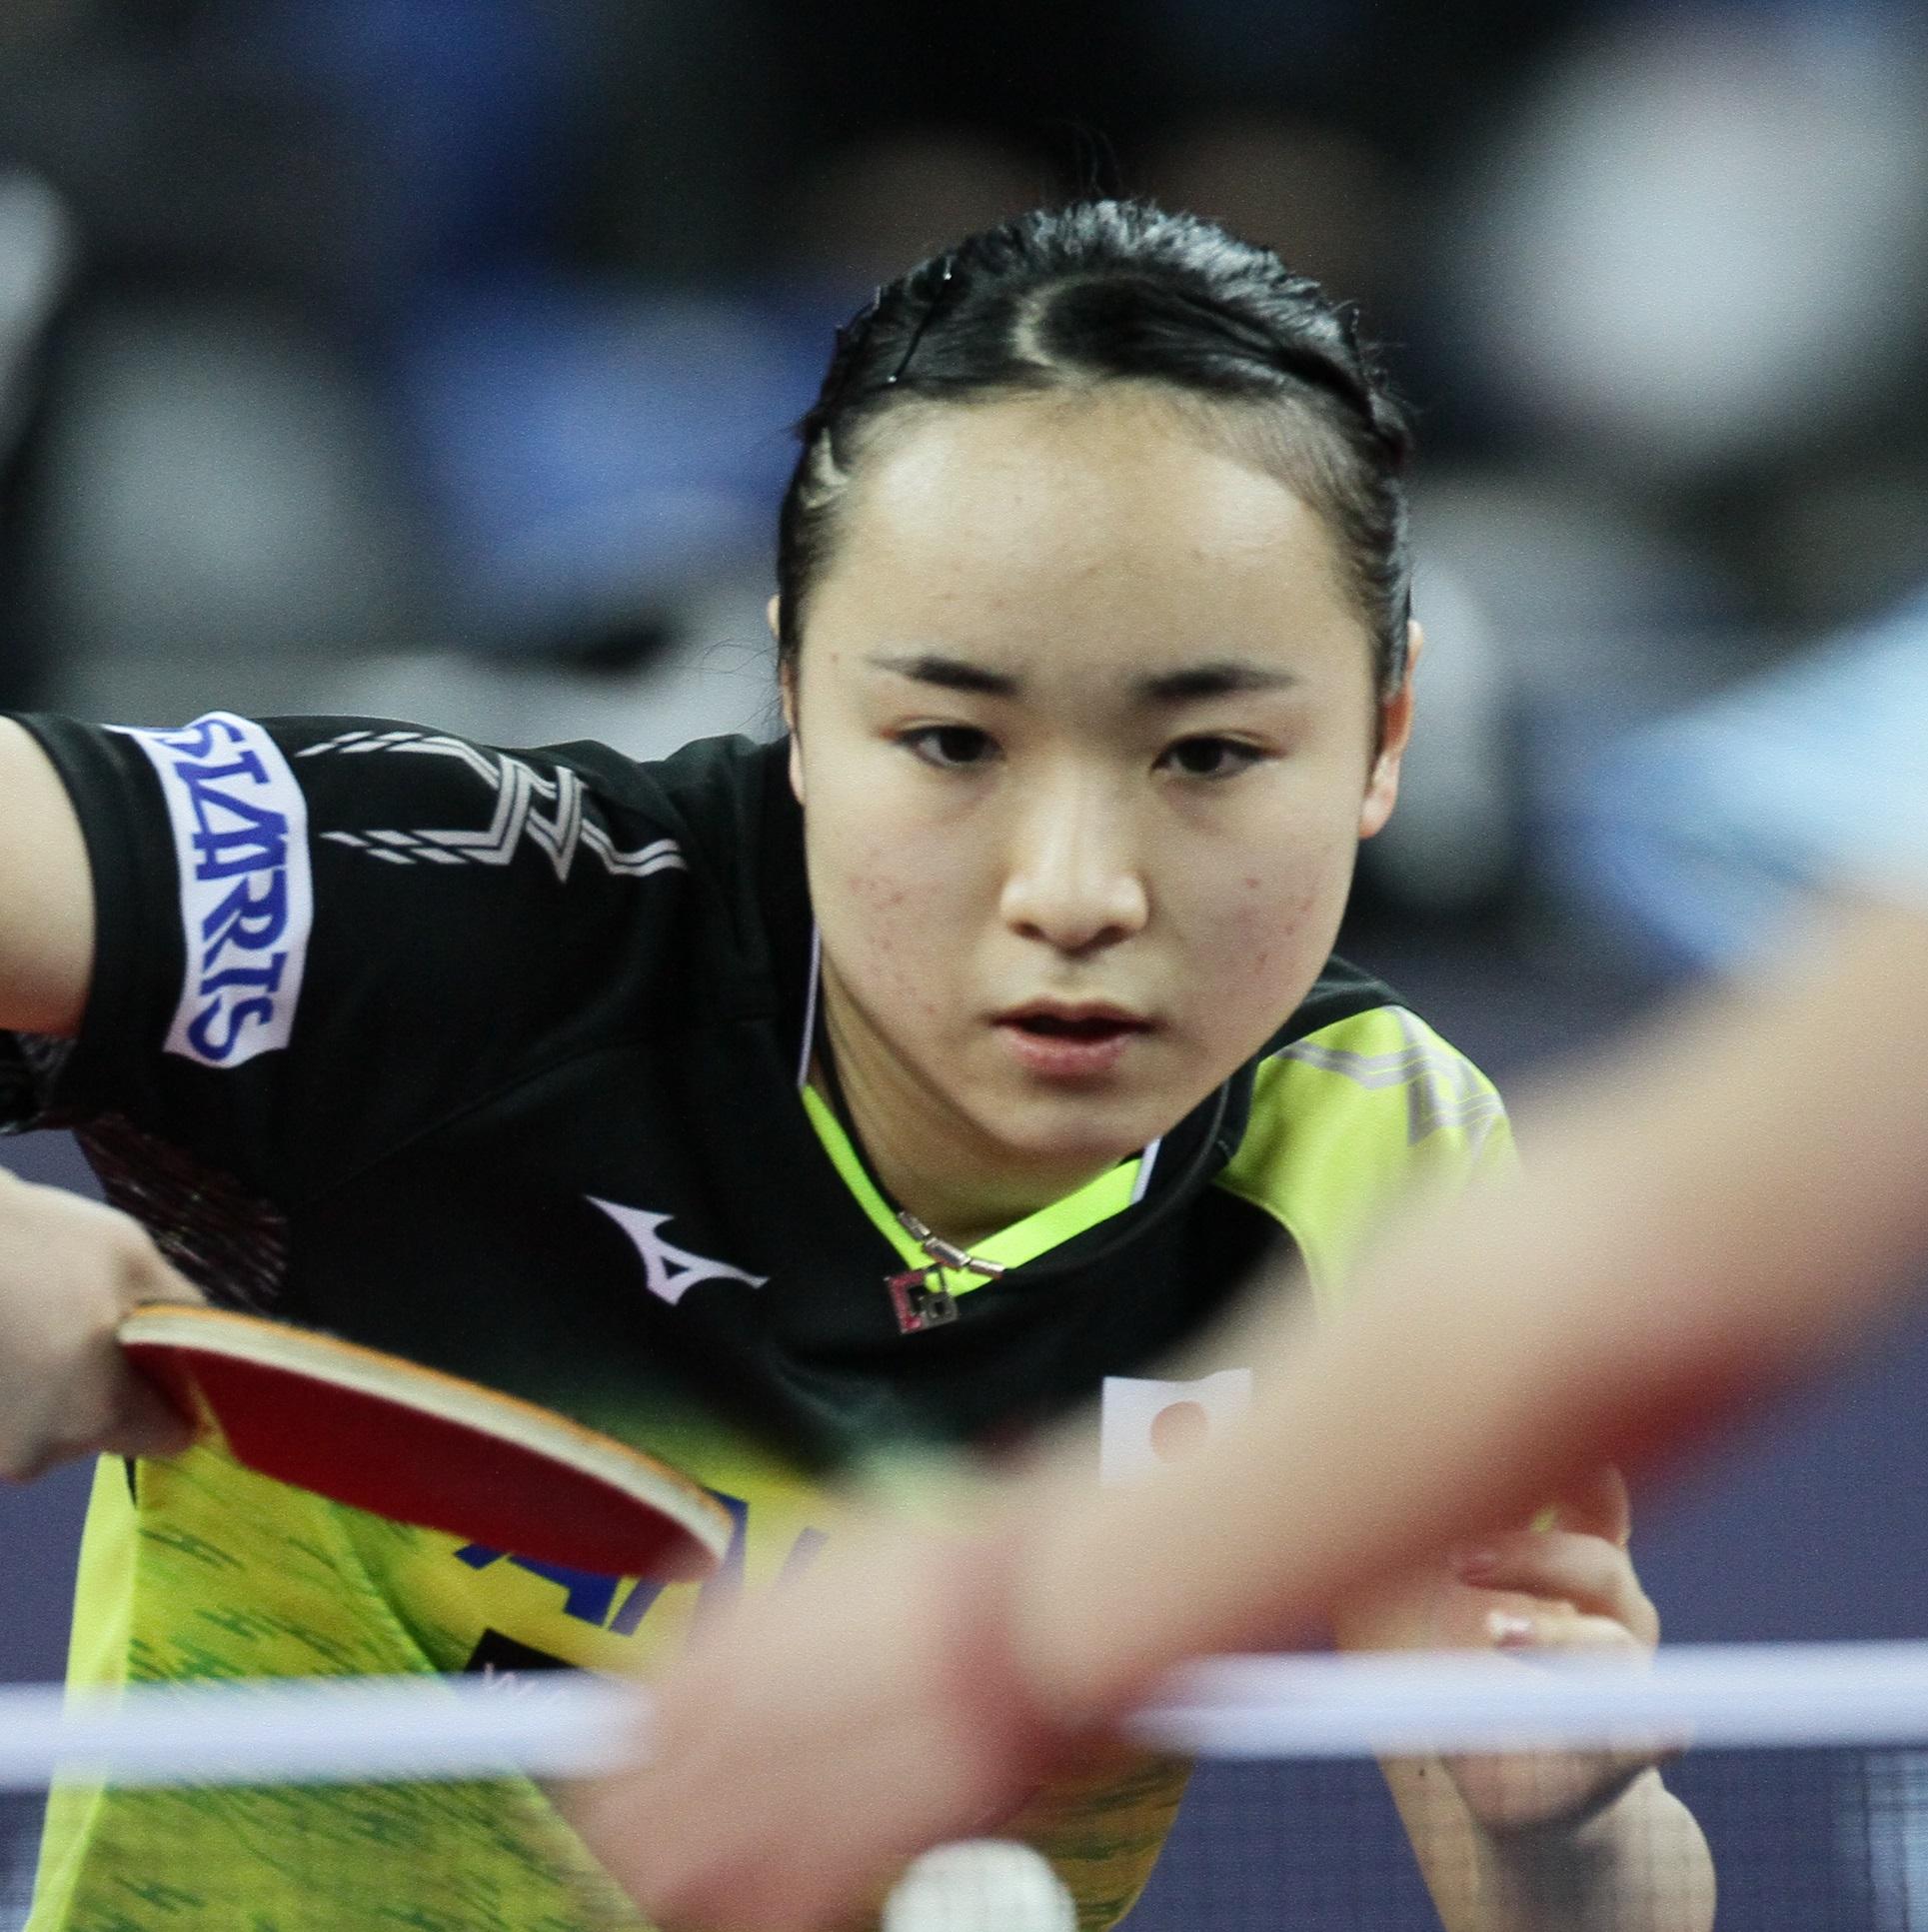 伊藤美誠、平野美宇に挑むは、〝ミキハウス3人娘〟全日本卓球、後半の見どころ